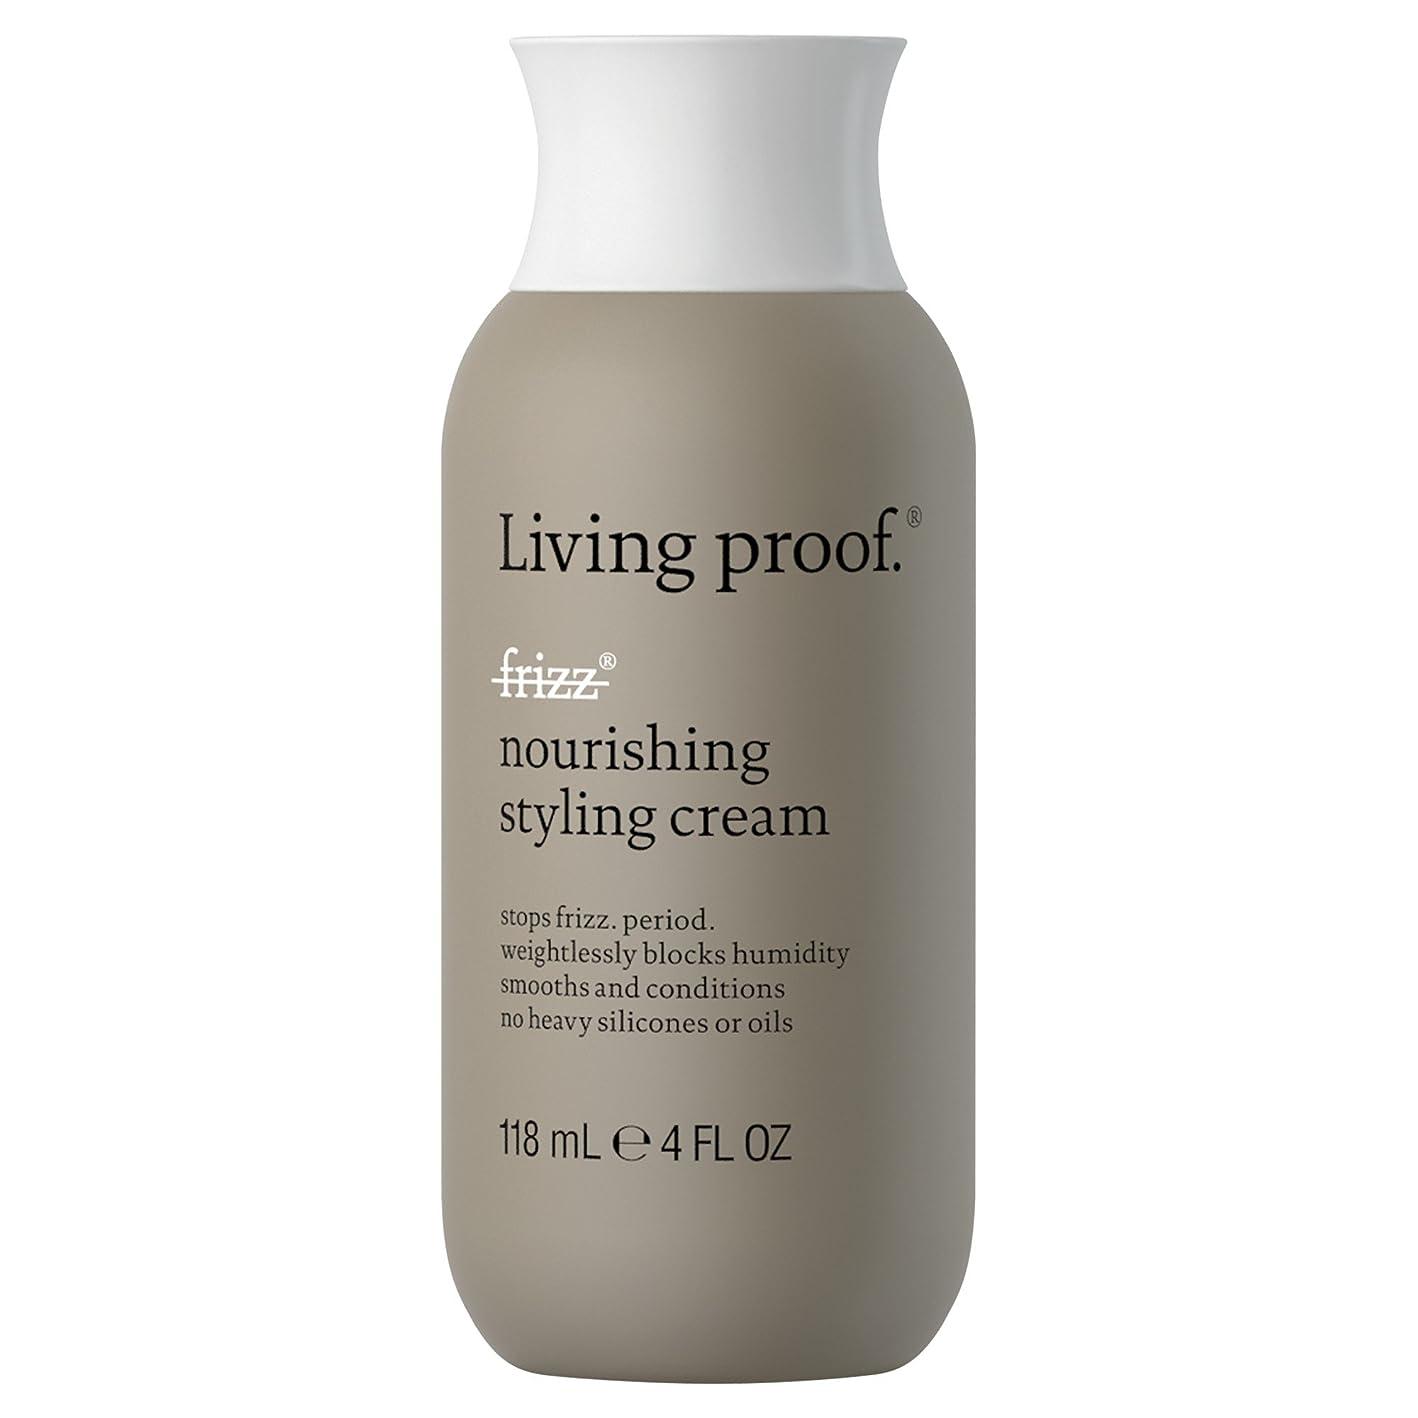 ストレージ好奇心盛文化生きている証拠なし縮れ栄養スタイリングクリーム118ミリリットル (Living Proof) (x2) - Living Proof No Frizz Nourishing Styling Cream 118ml (Pack of 2) [並行輸入品]